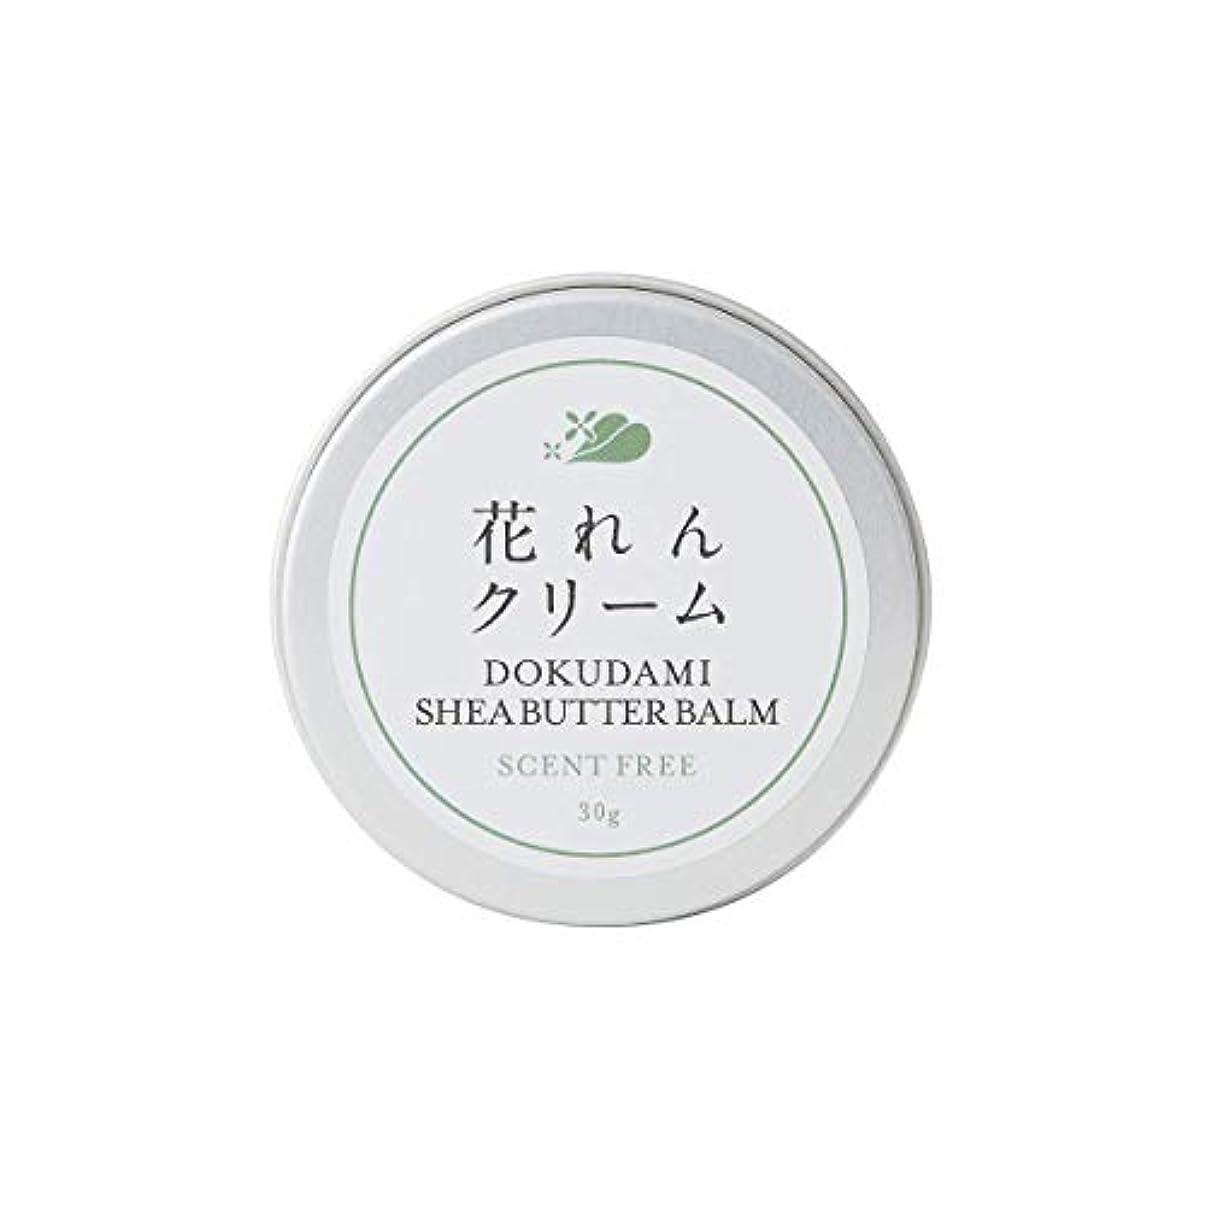 ガチョウメトロポリタンパンダどくだみシアバタークリーム(ハードタイプ?無香料) 30g